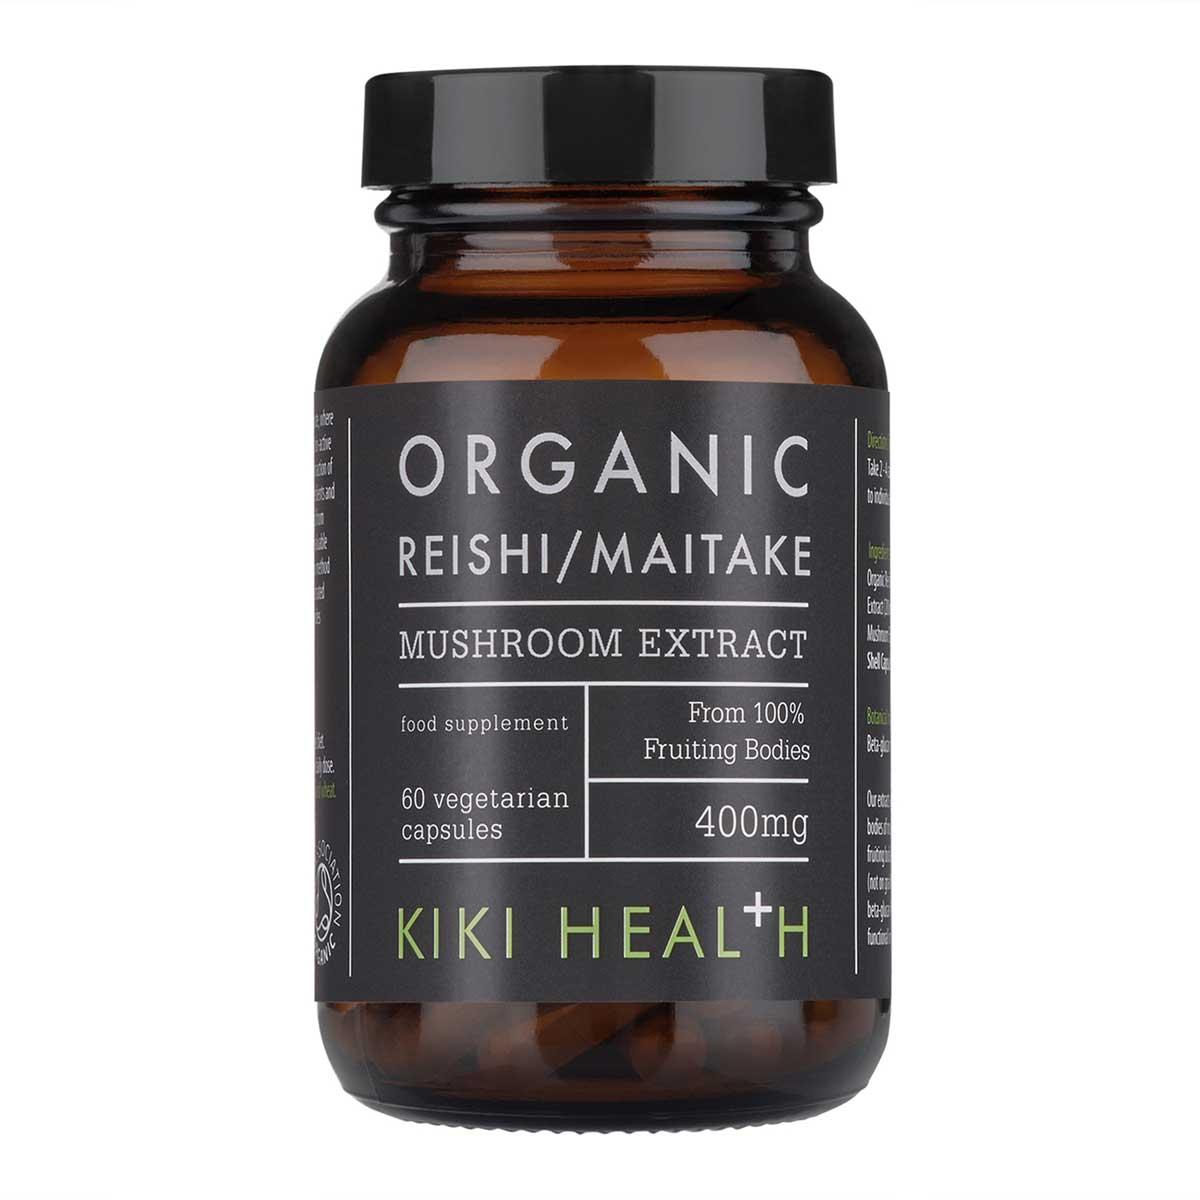 Organic Reishi/Maitake Mushroom Extract 60's